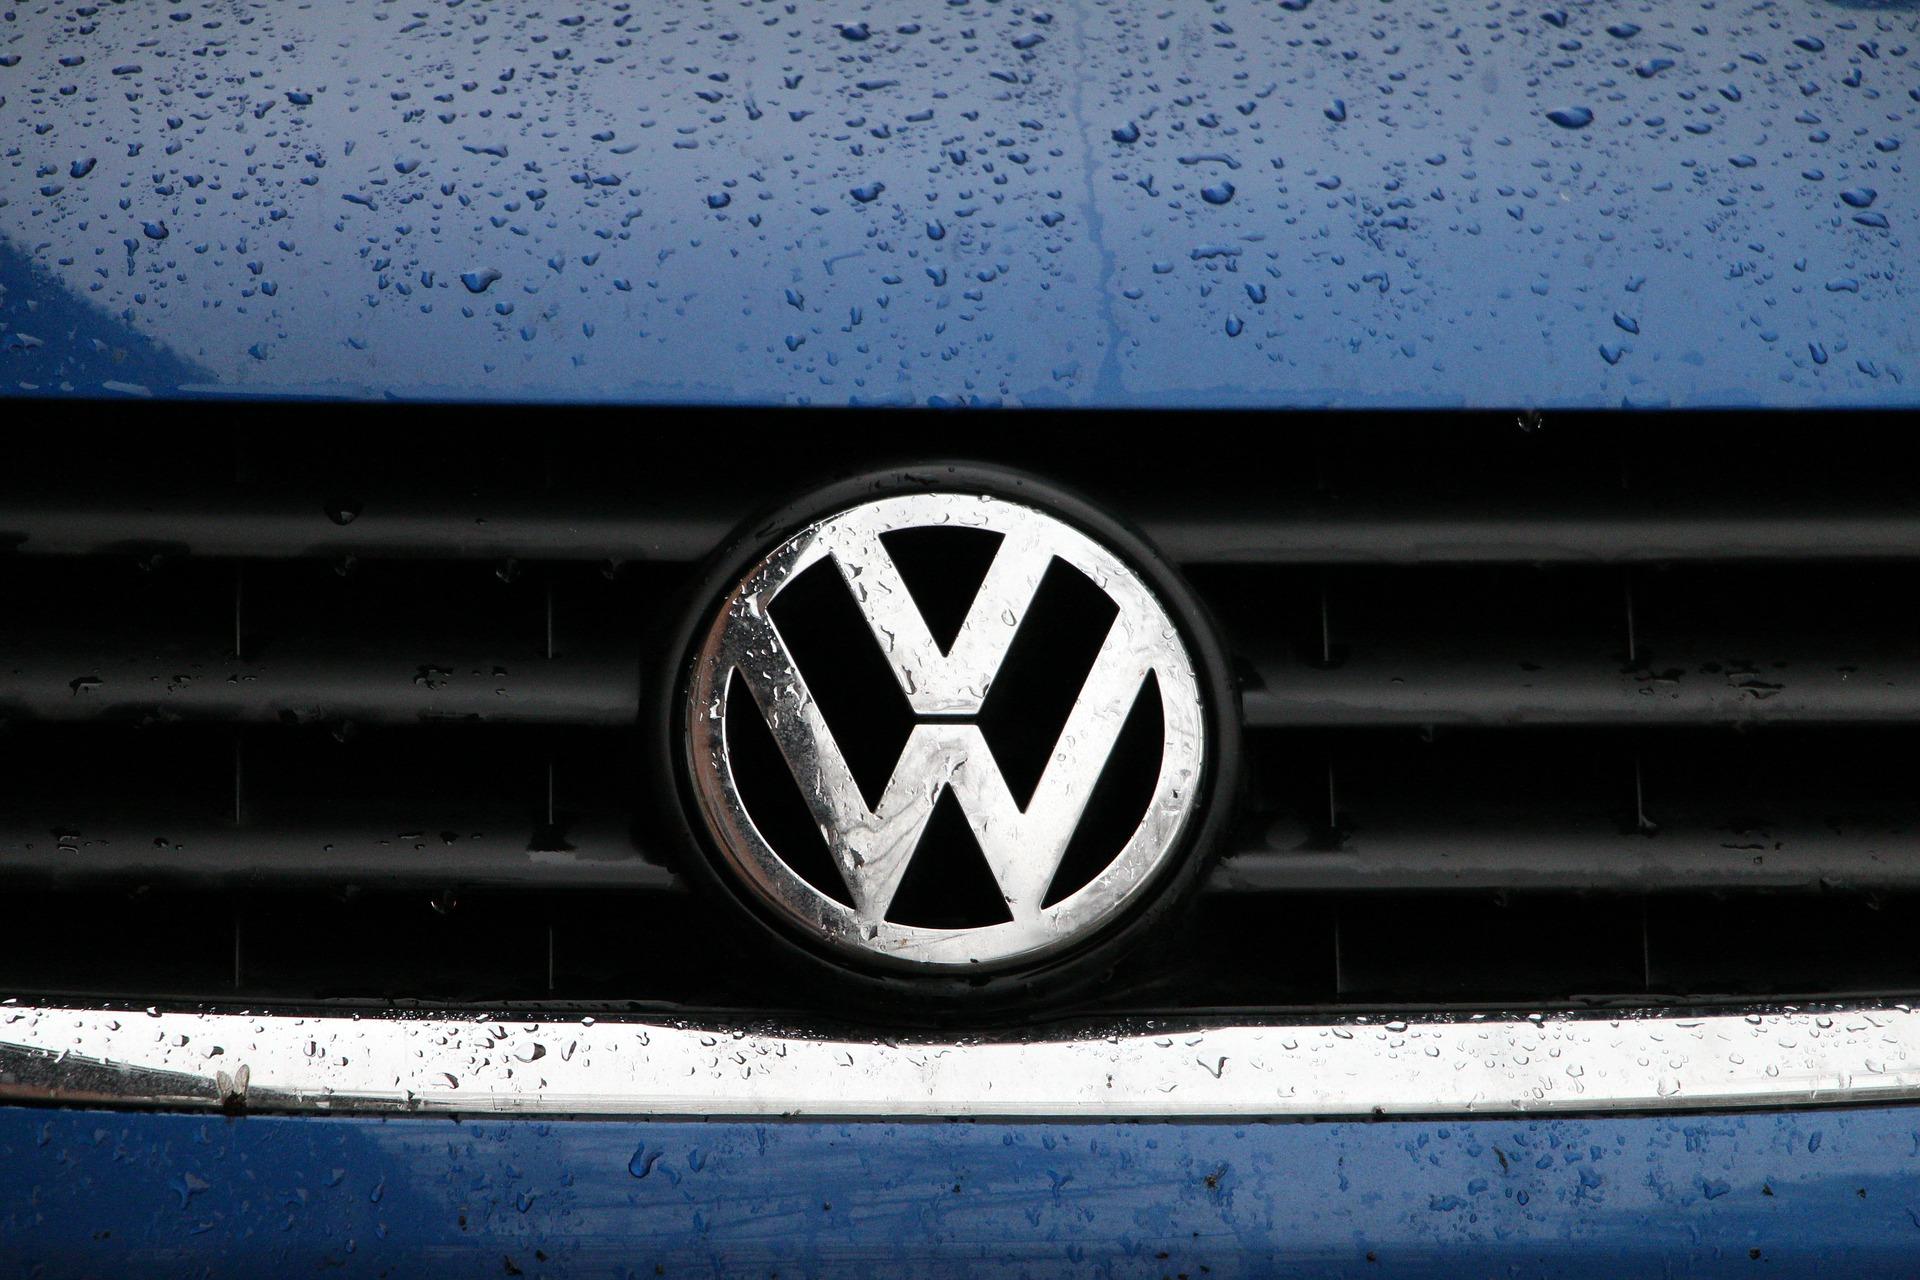 VW Passat TDI Abgasskandal